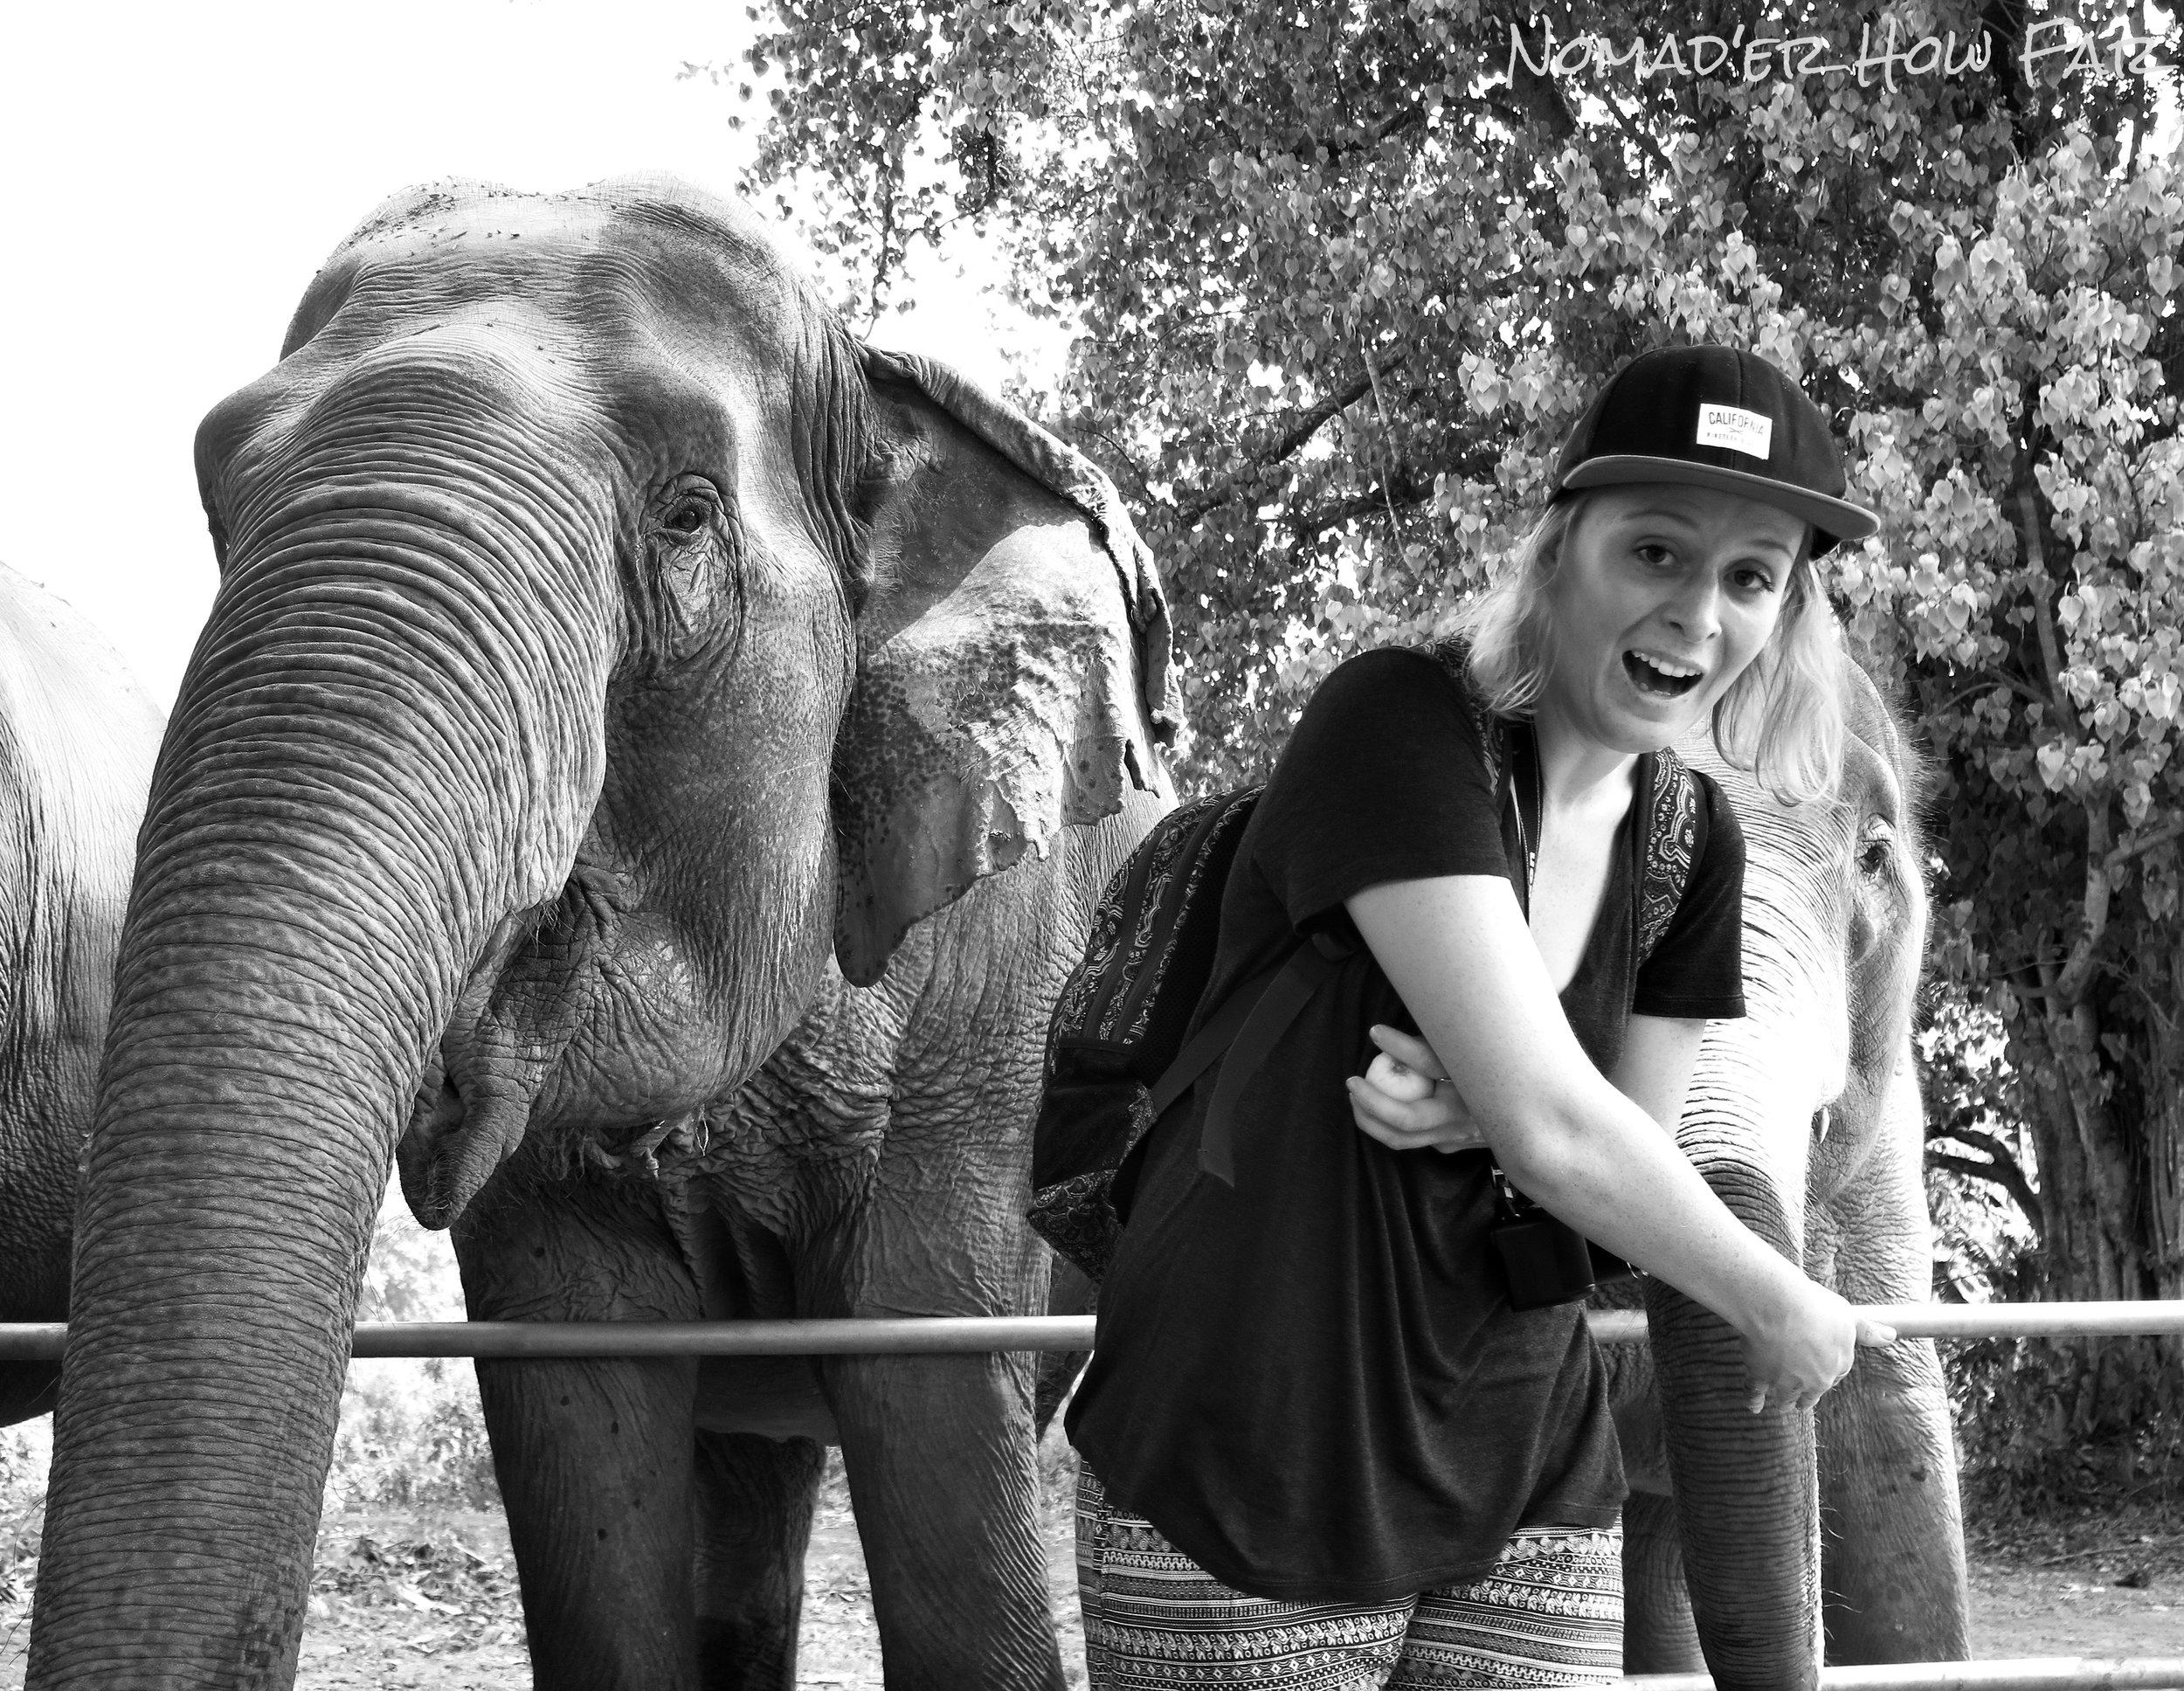 cheeky elephant